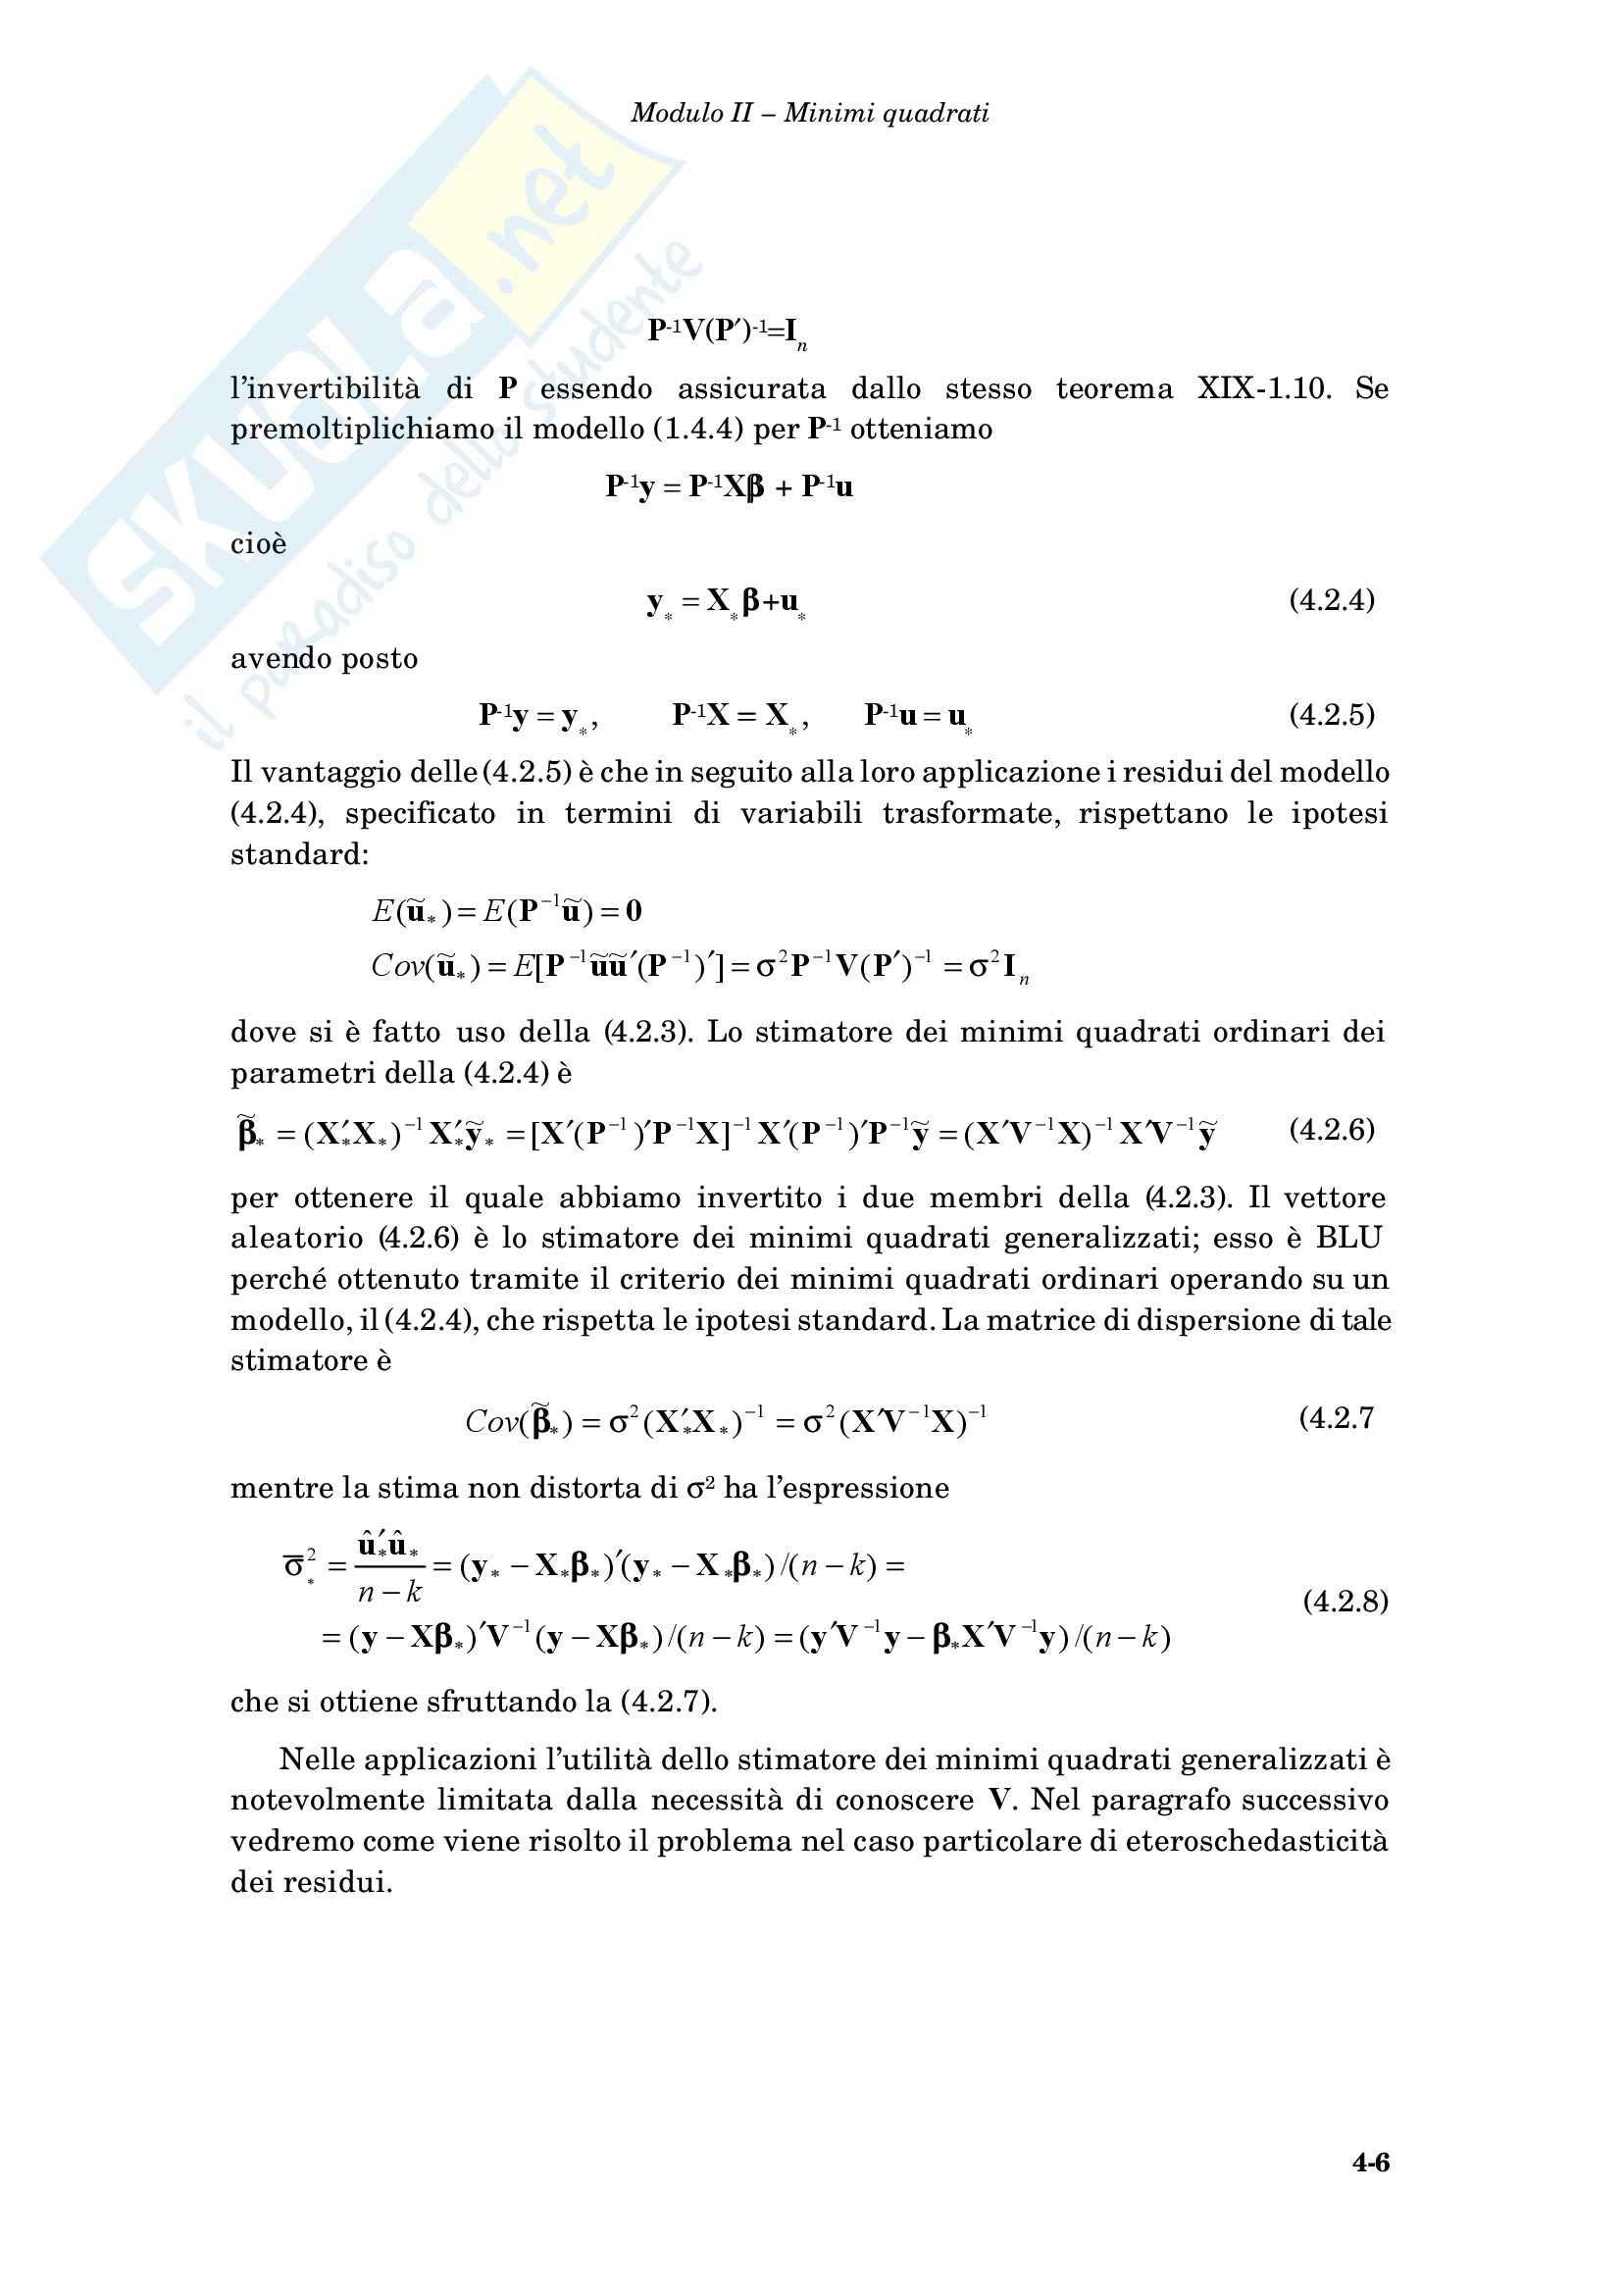 Econometria - i minimi quadrati generalizzati Pag. 6